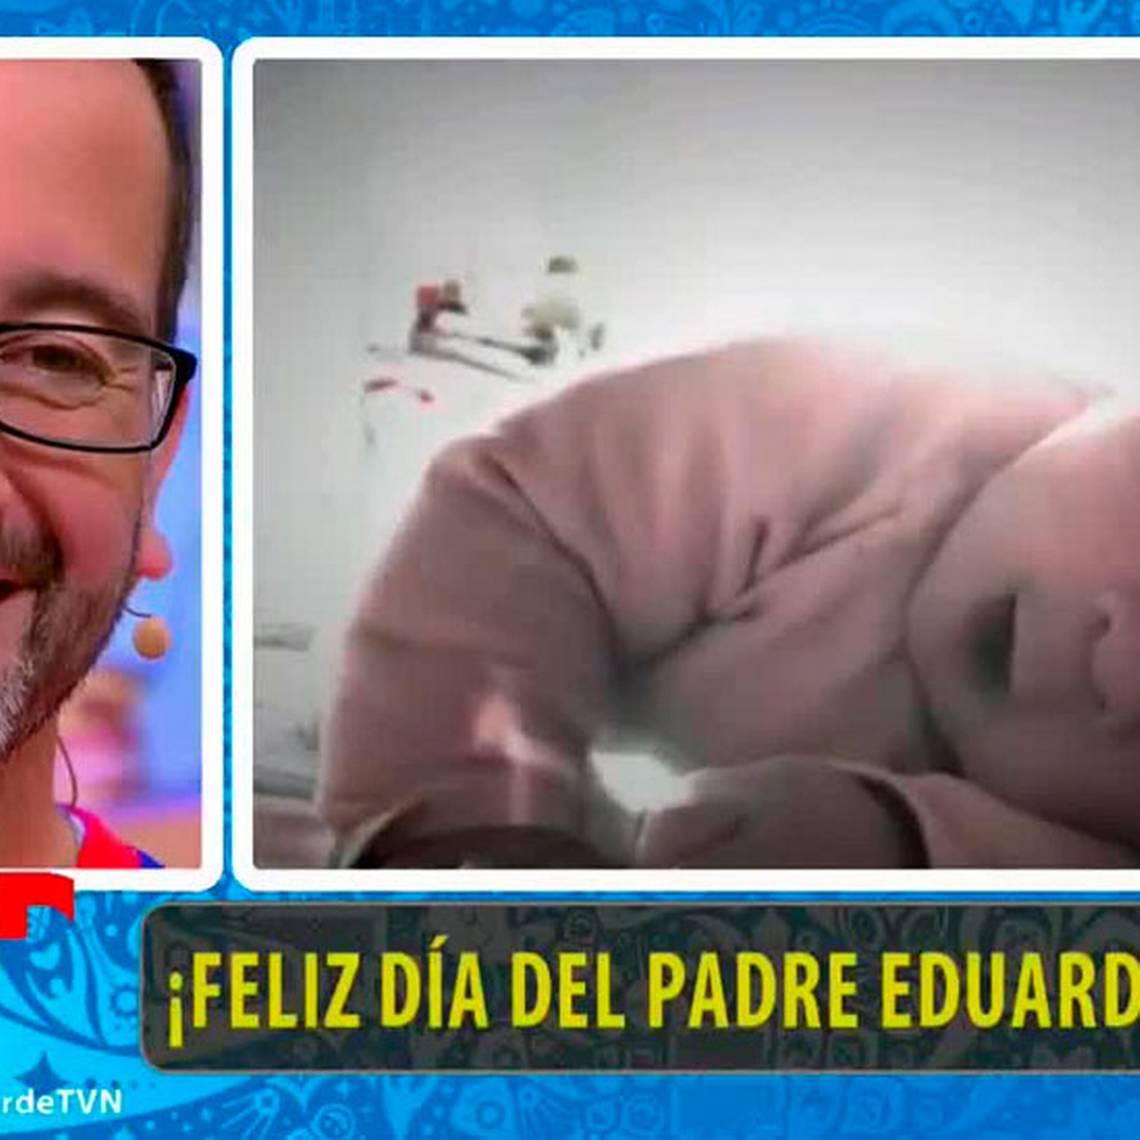 Eduardo Fuentes recibió emotiva sorpresa en el día del padre